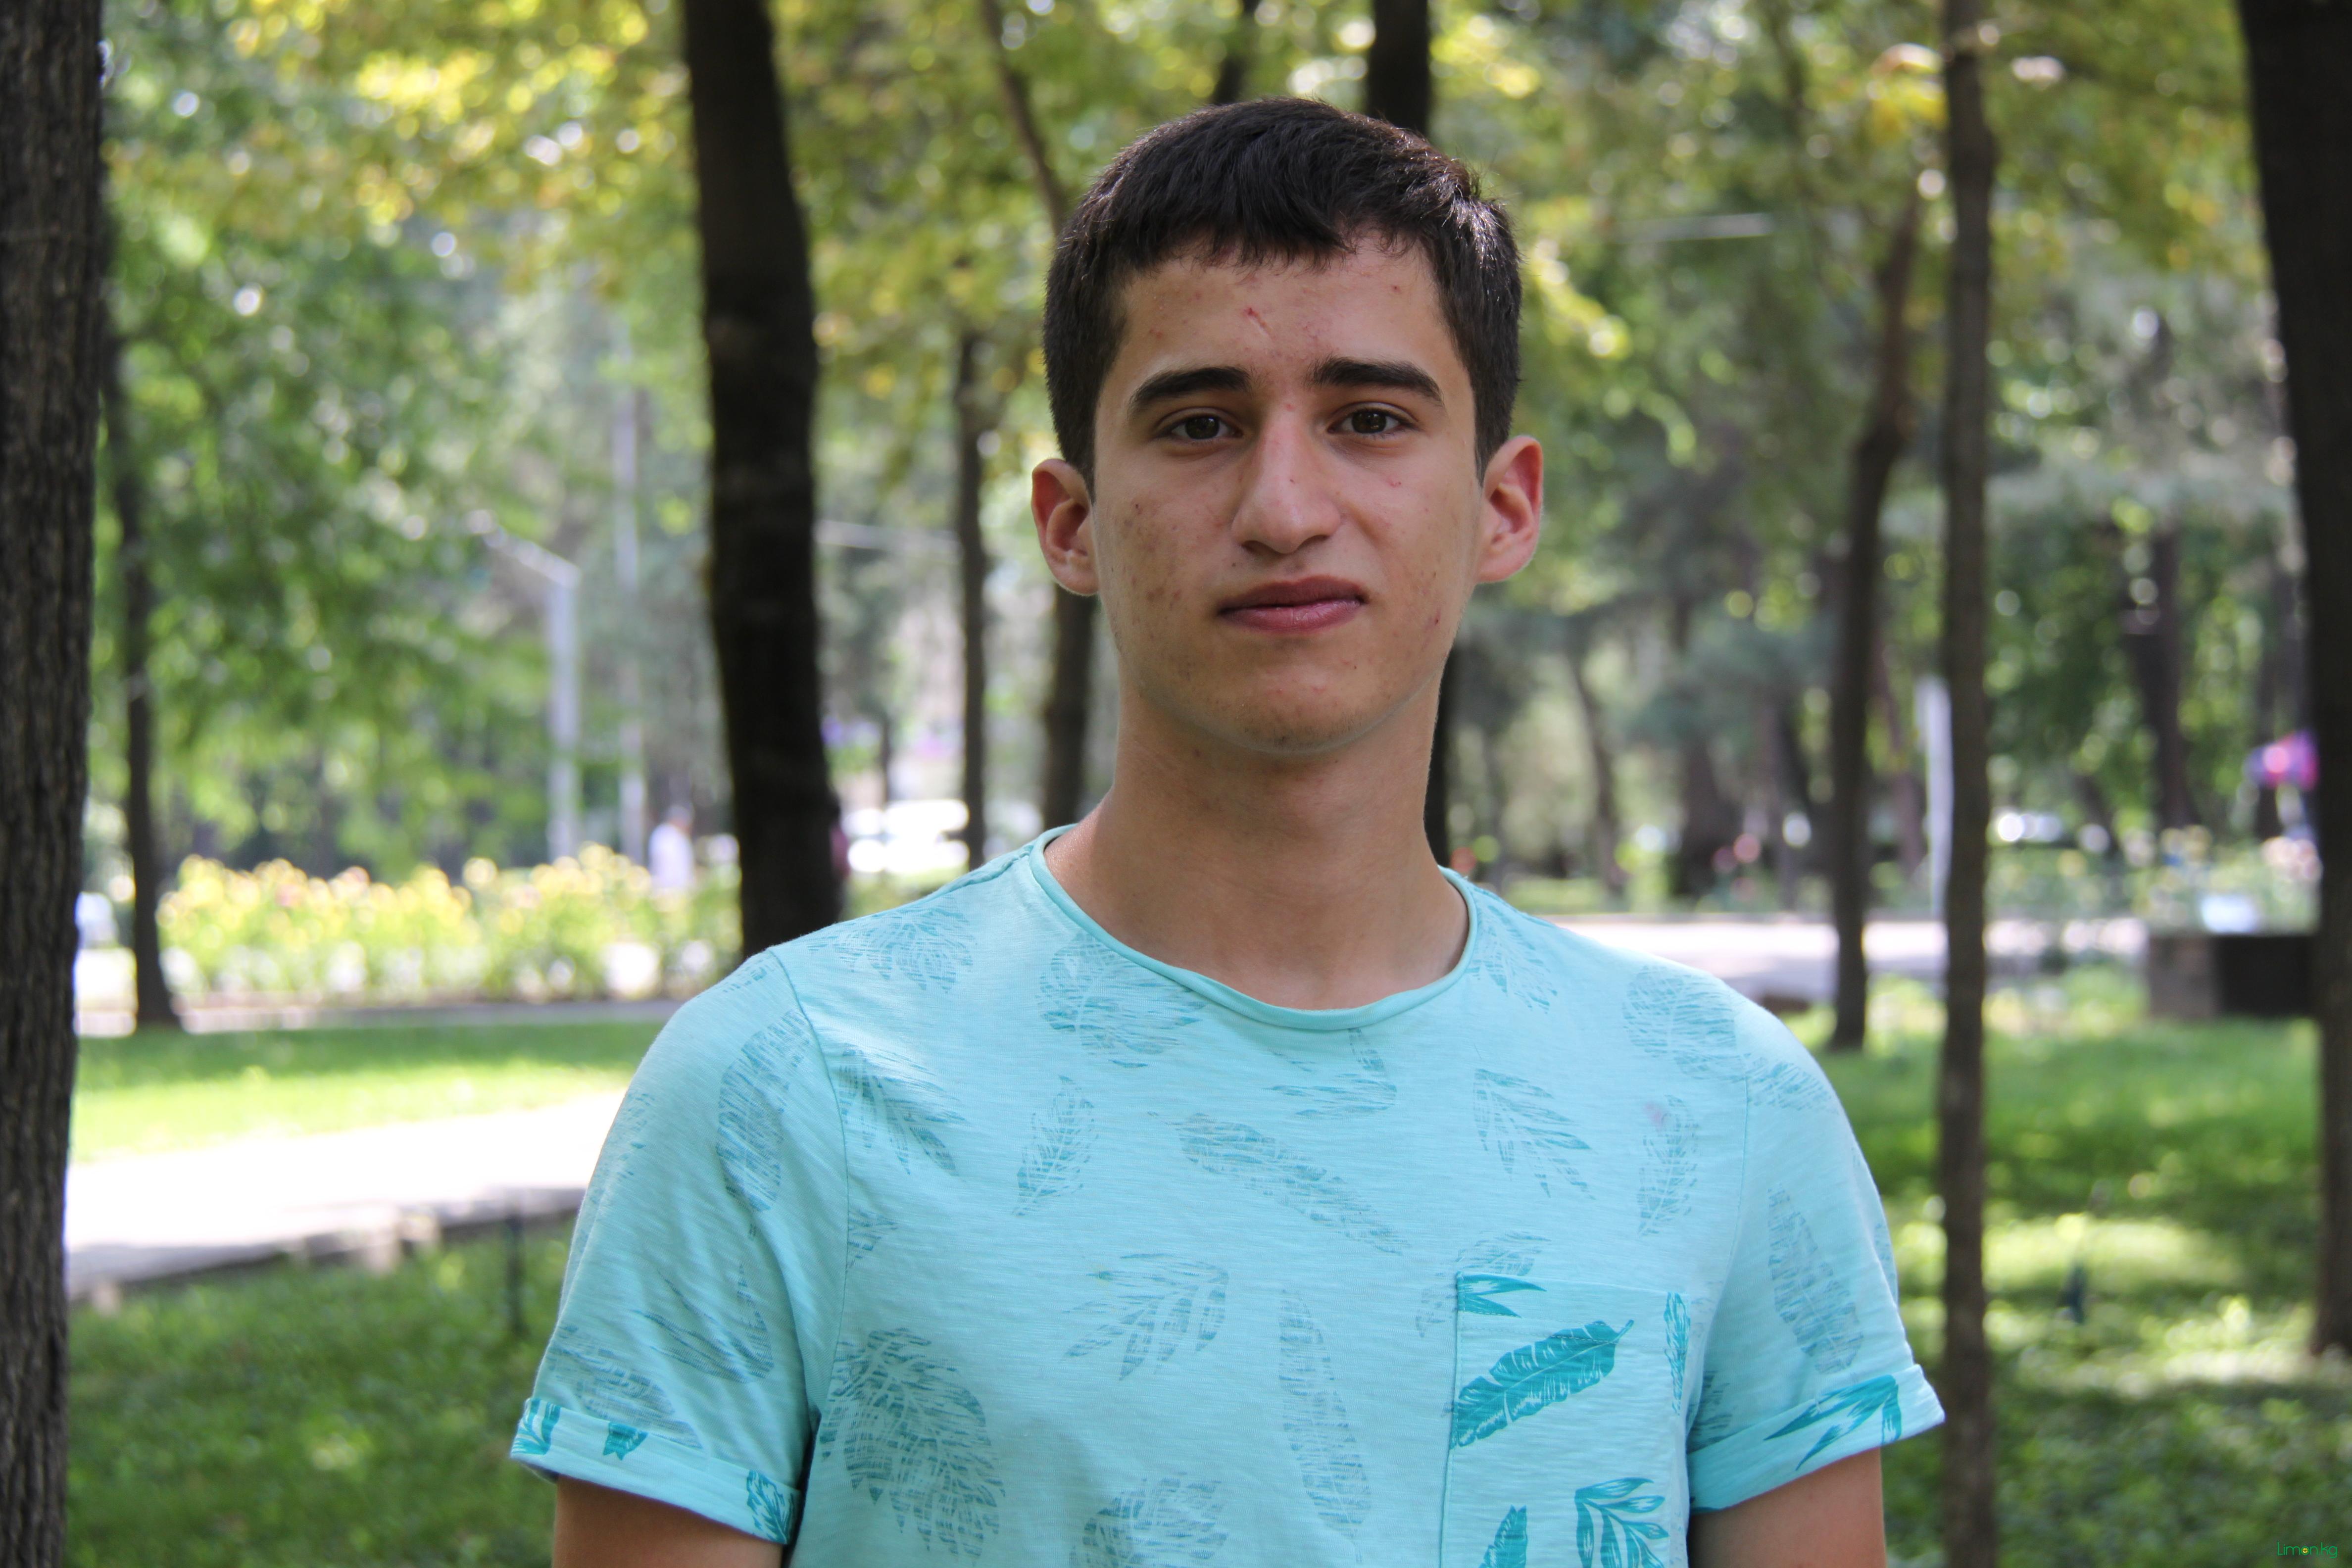 Орхан Новрузов, 18 лет, студент